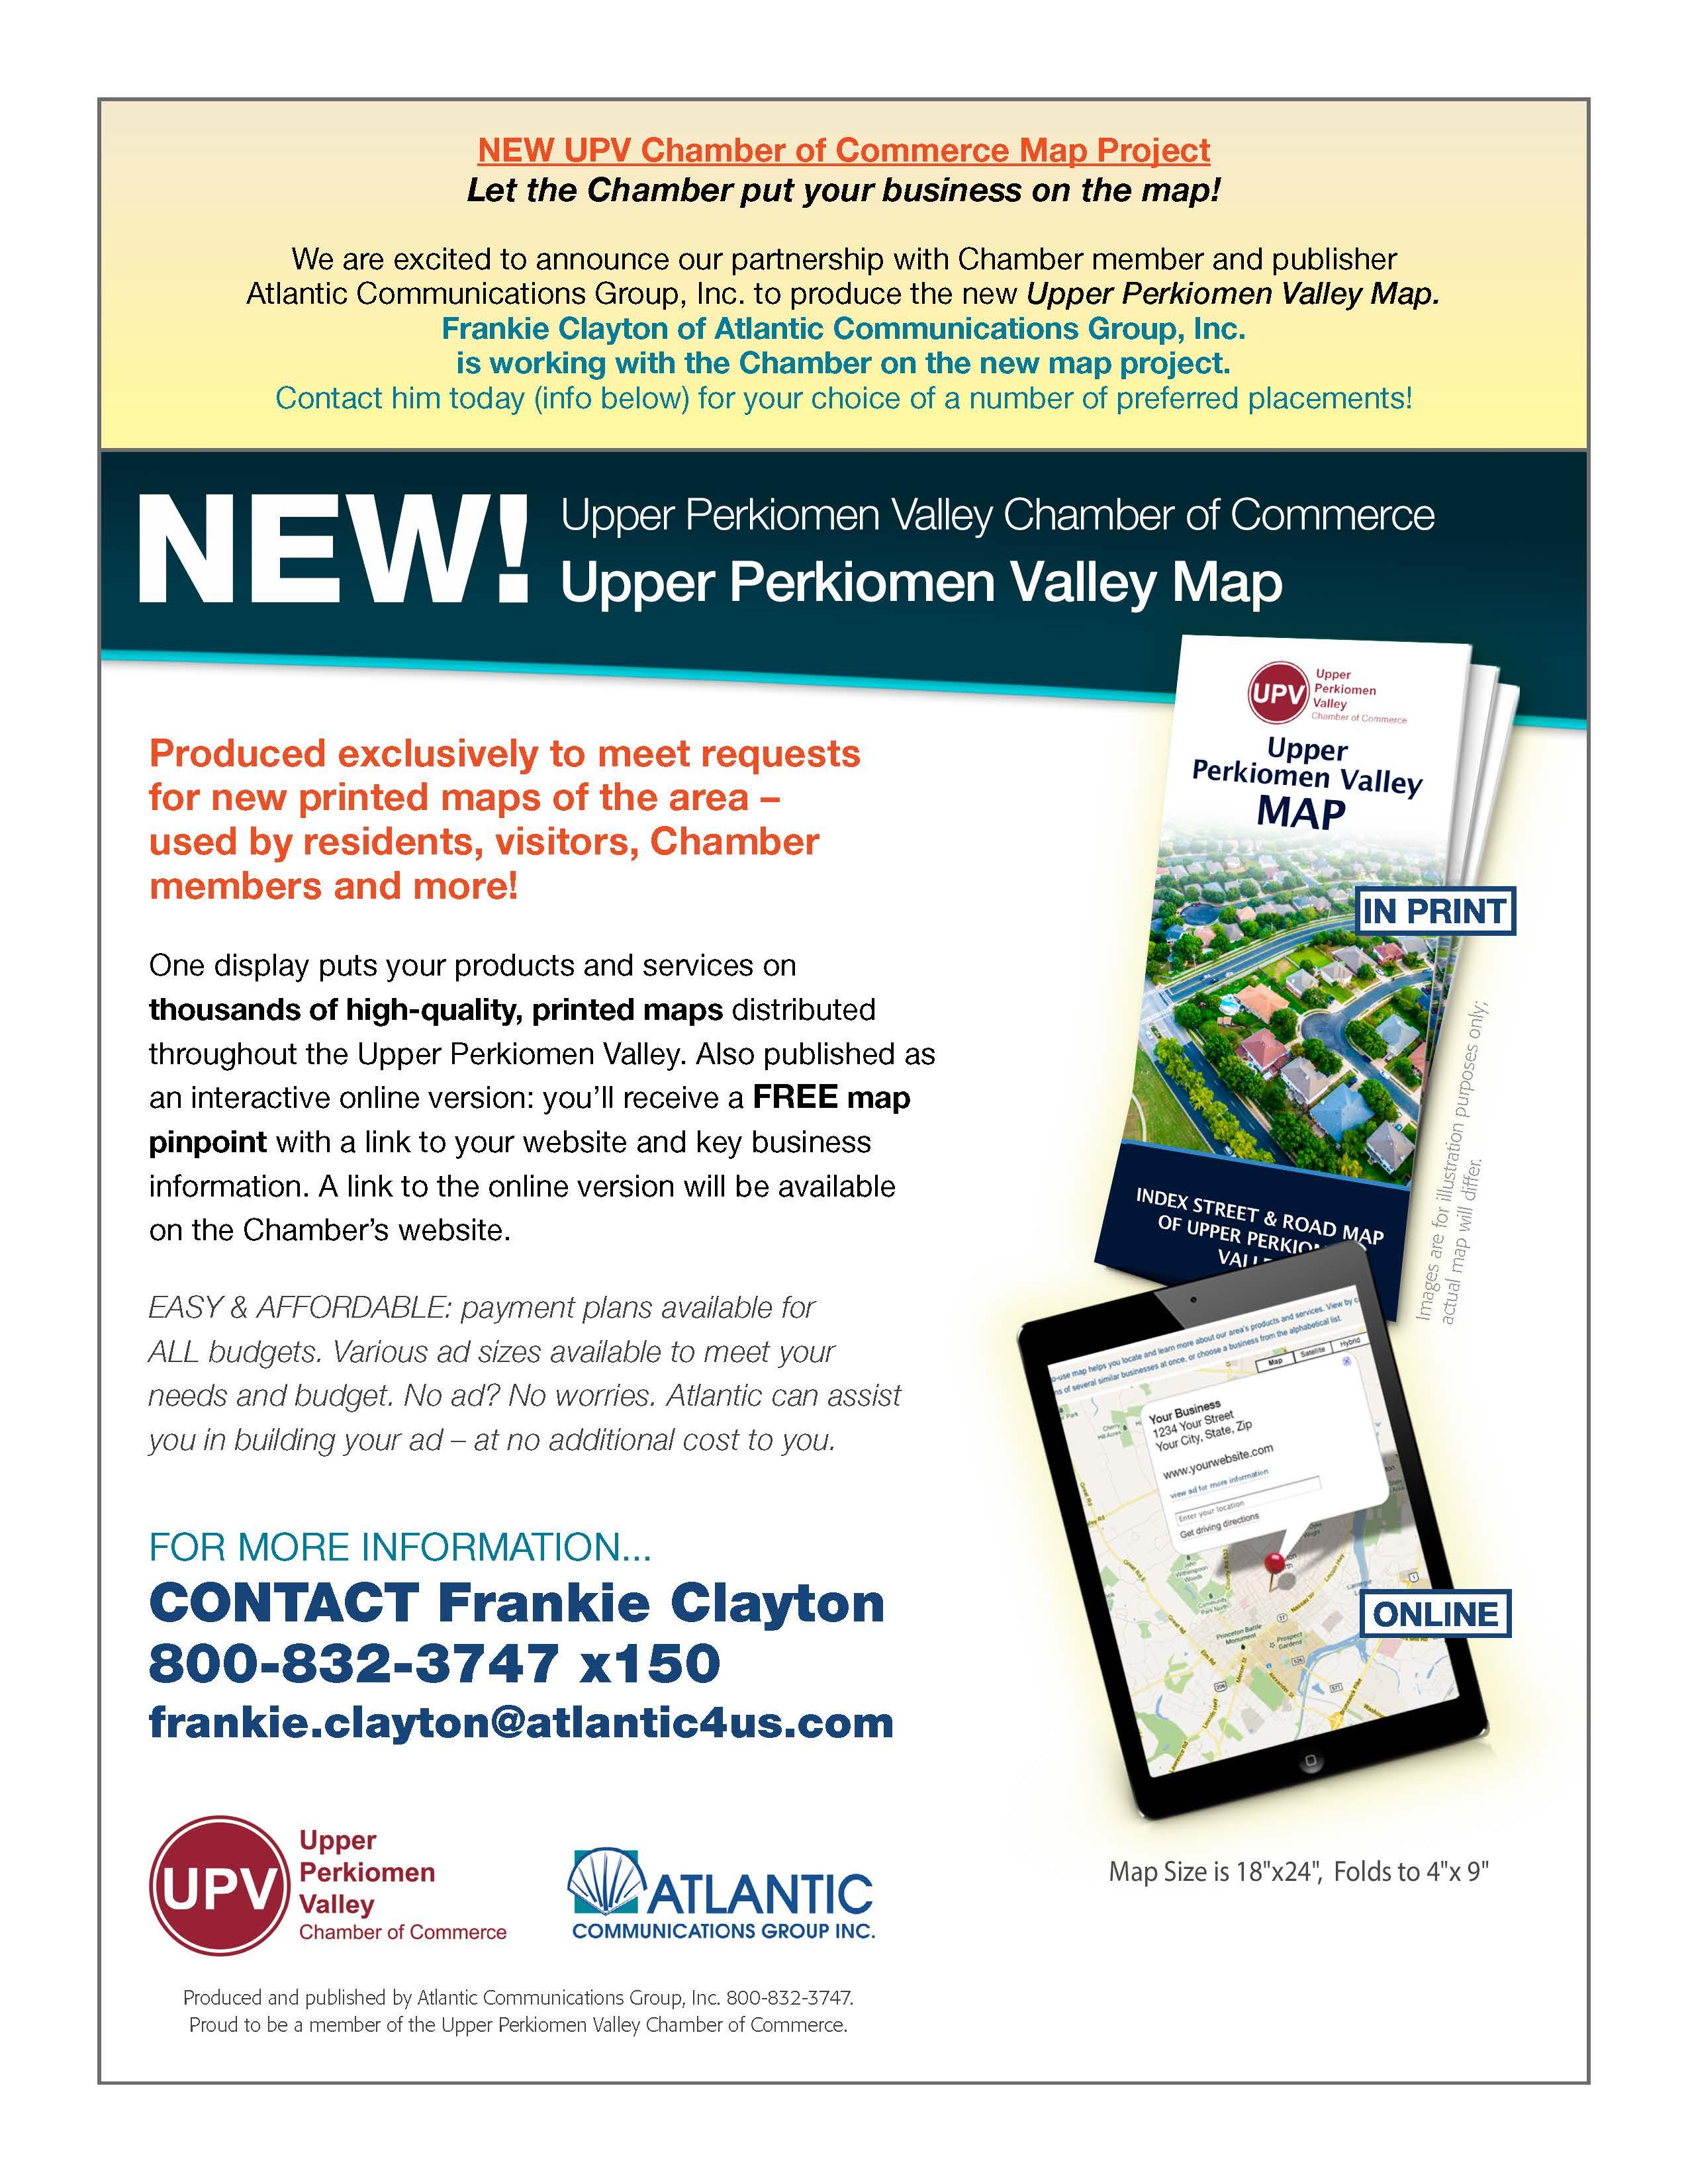 Upper Perkiomen Valley News | Upper Perkiomen Valley | Upper ... on